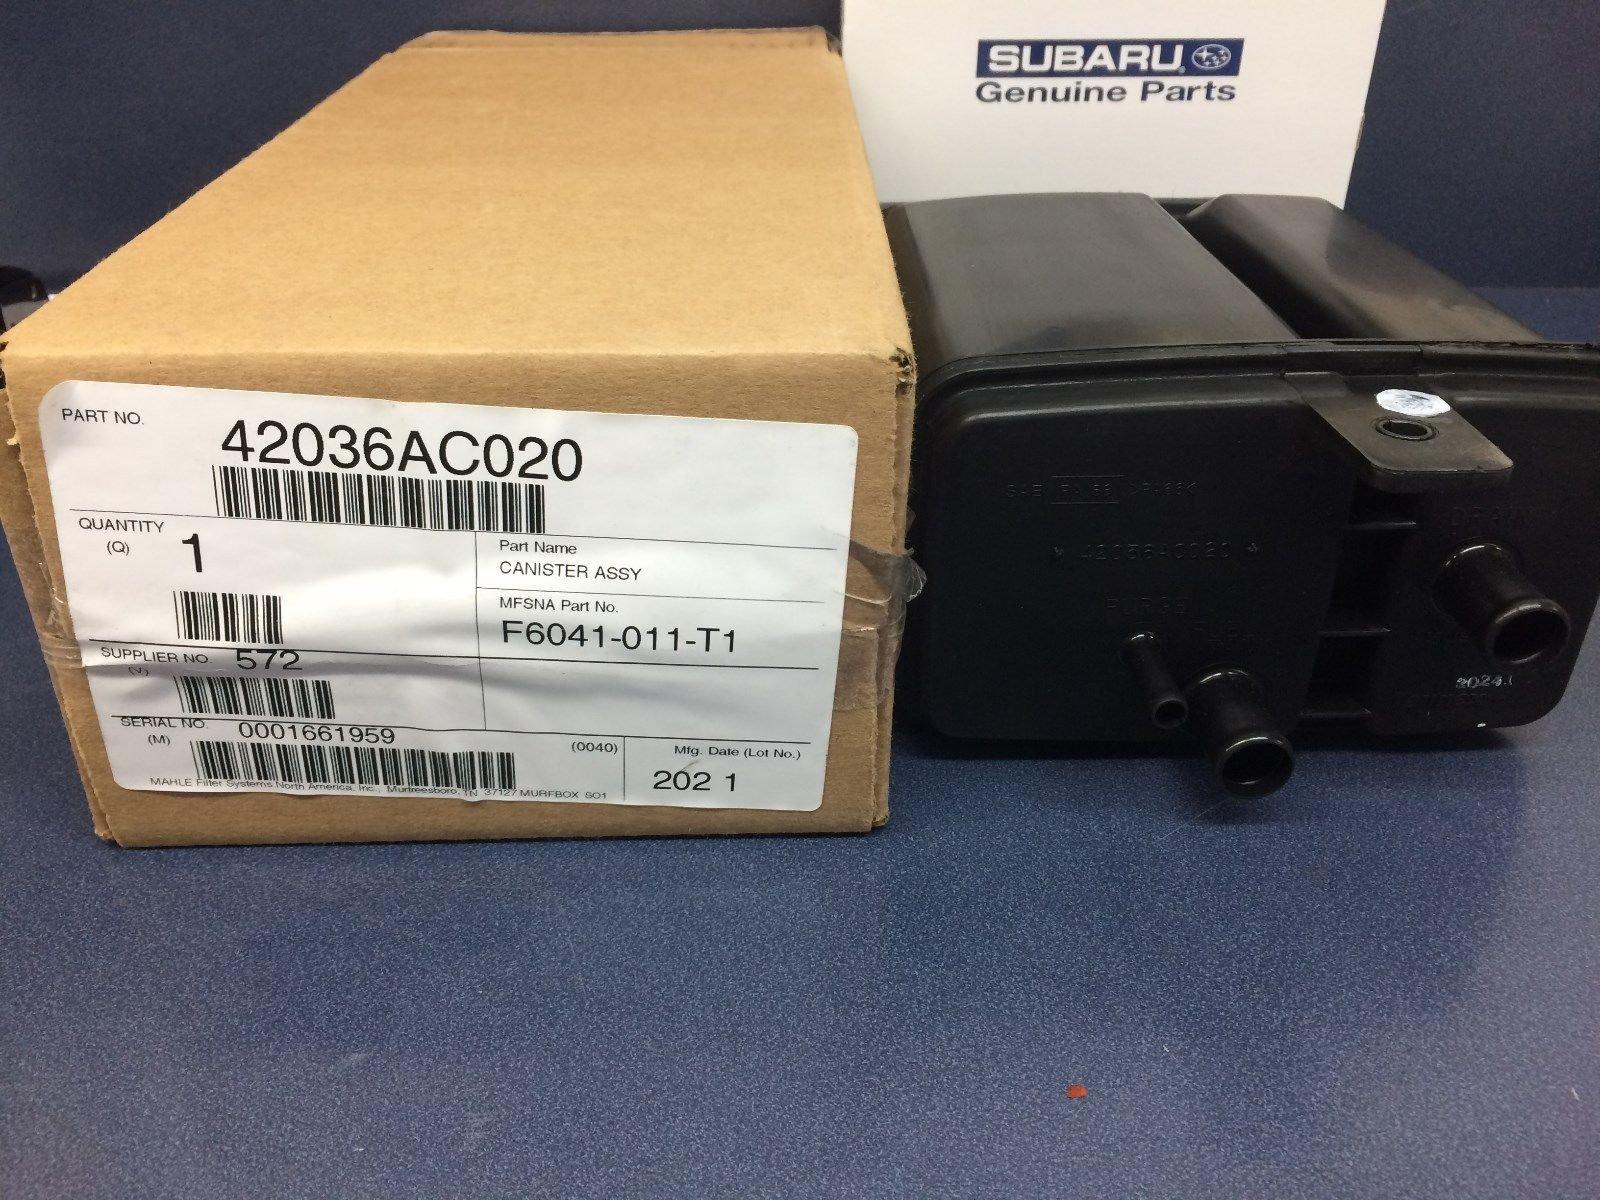 Subaru 42036 AC020, Vapor Canister